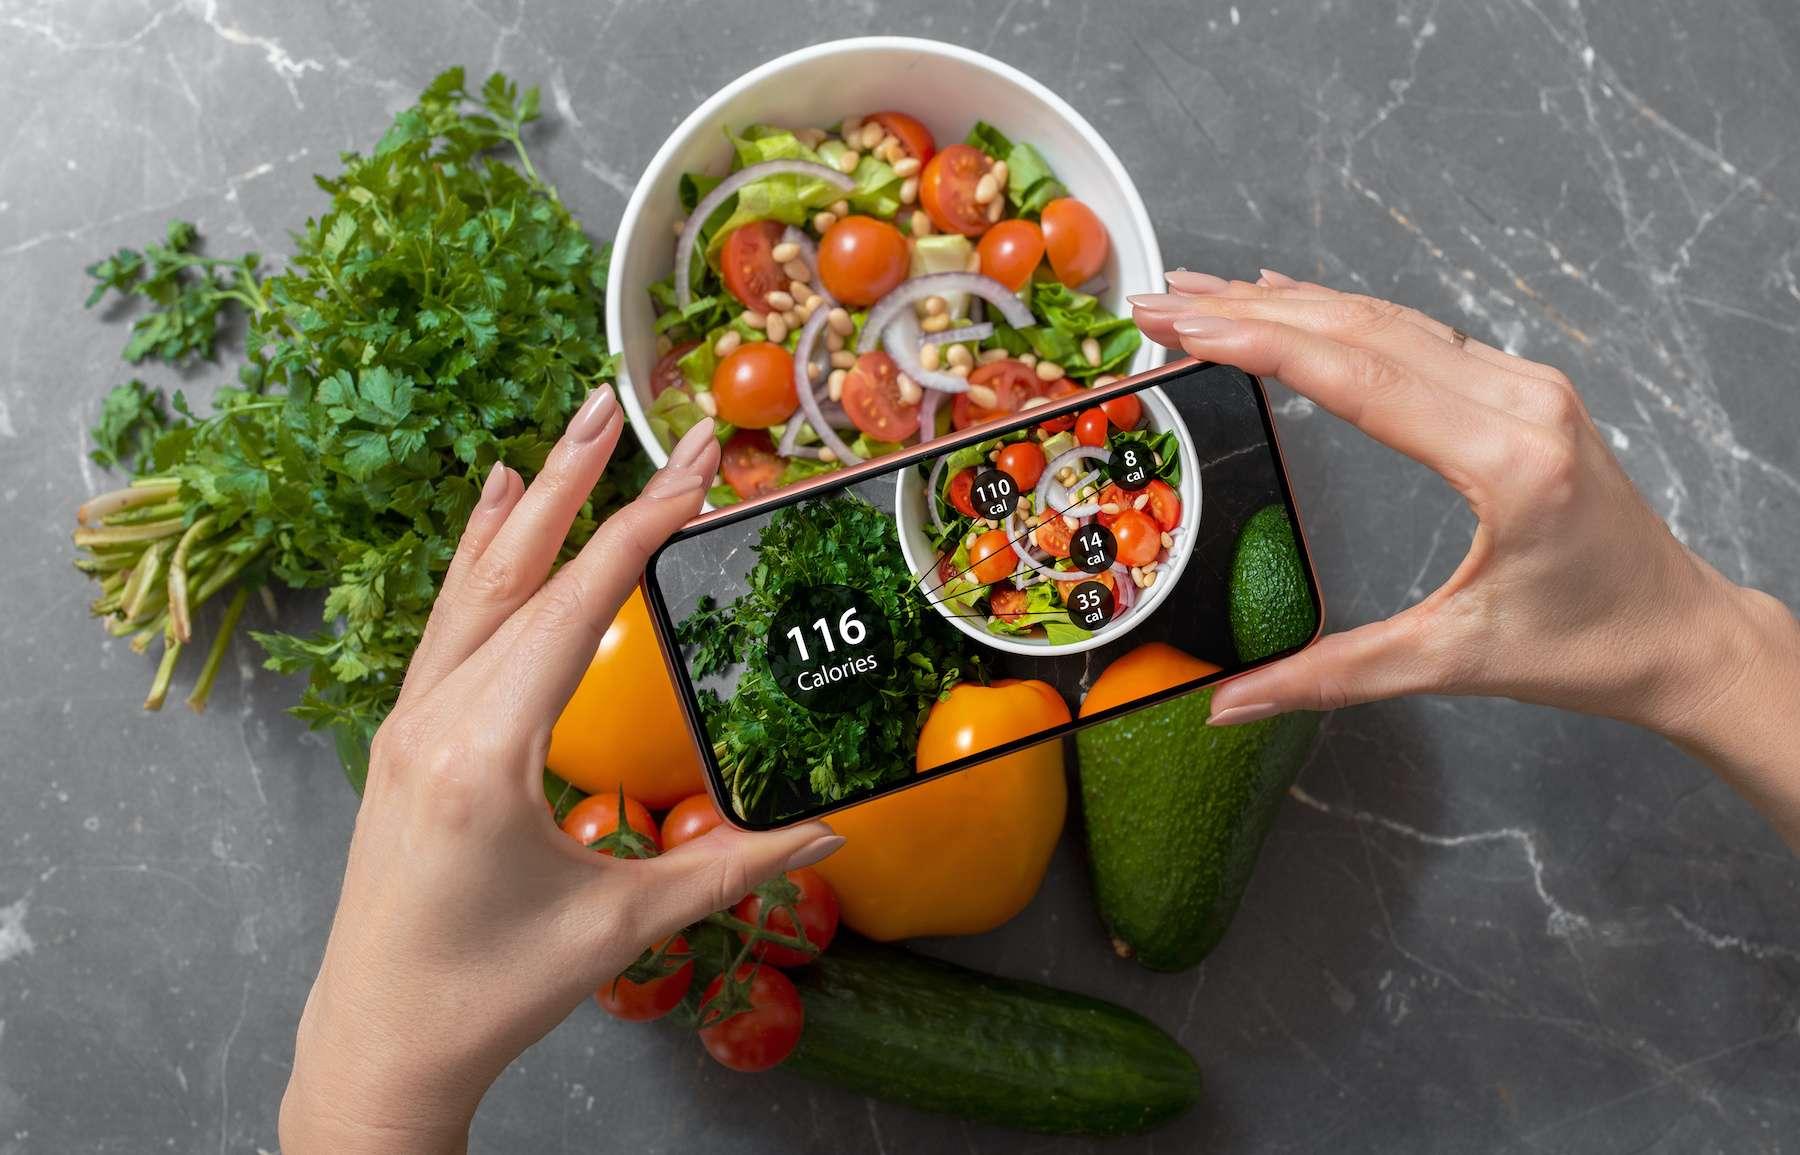 Cette intelligence artificielle calcule le nombre de calories réellement ingurgitées lors d'un repas. © Kaspars Grinvalds, Adobe Stock